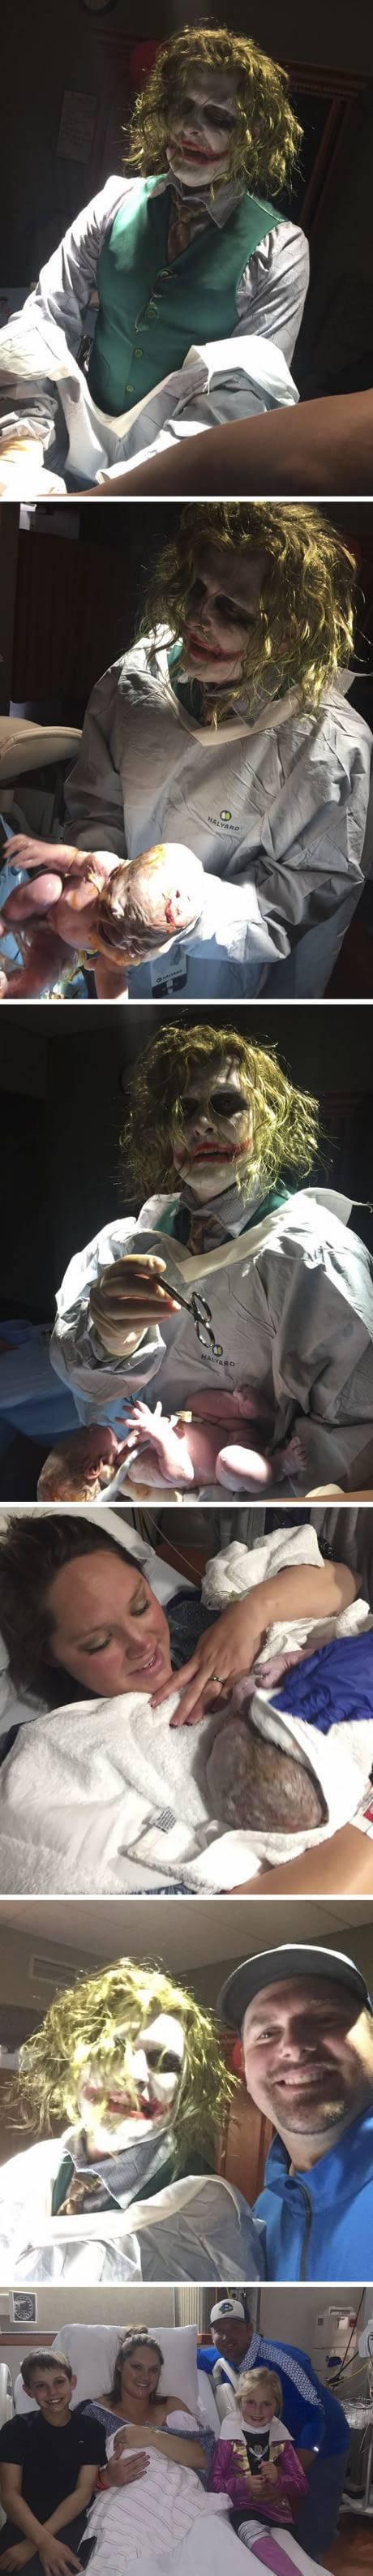 할로윈파티하다 응급수술 잡힌 의사   인스티즈